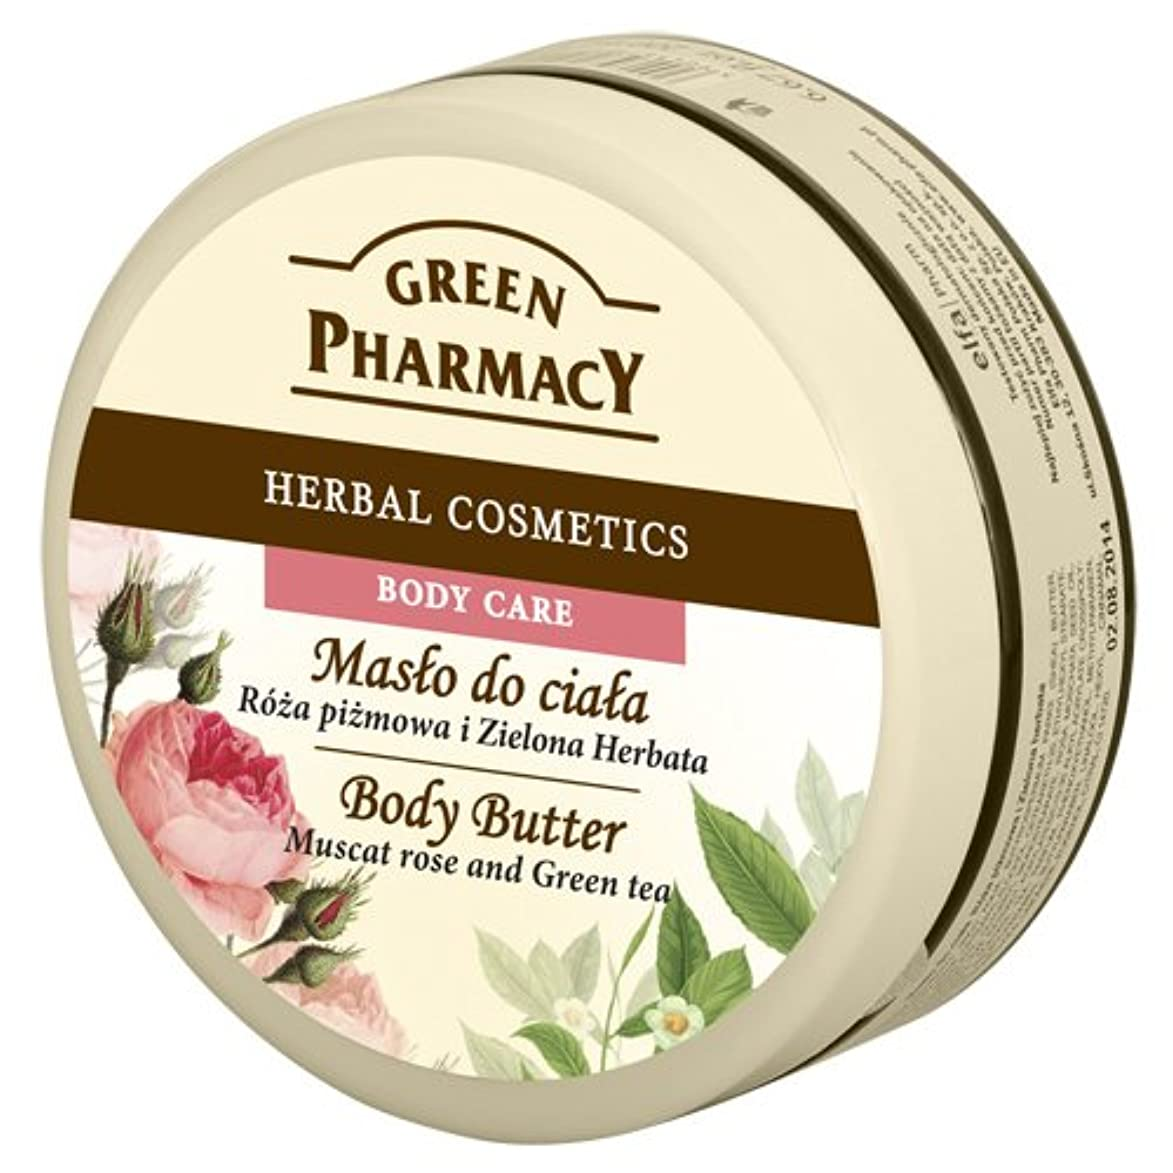 トレーニング契約したエーカーElfa Pharm Green Pharmacy グリーンファーマシー Body Butter ボディバター Muscat Rose and Green Tea